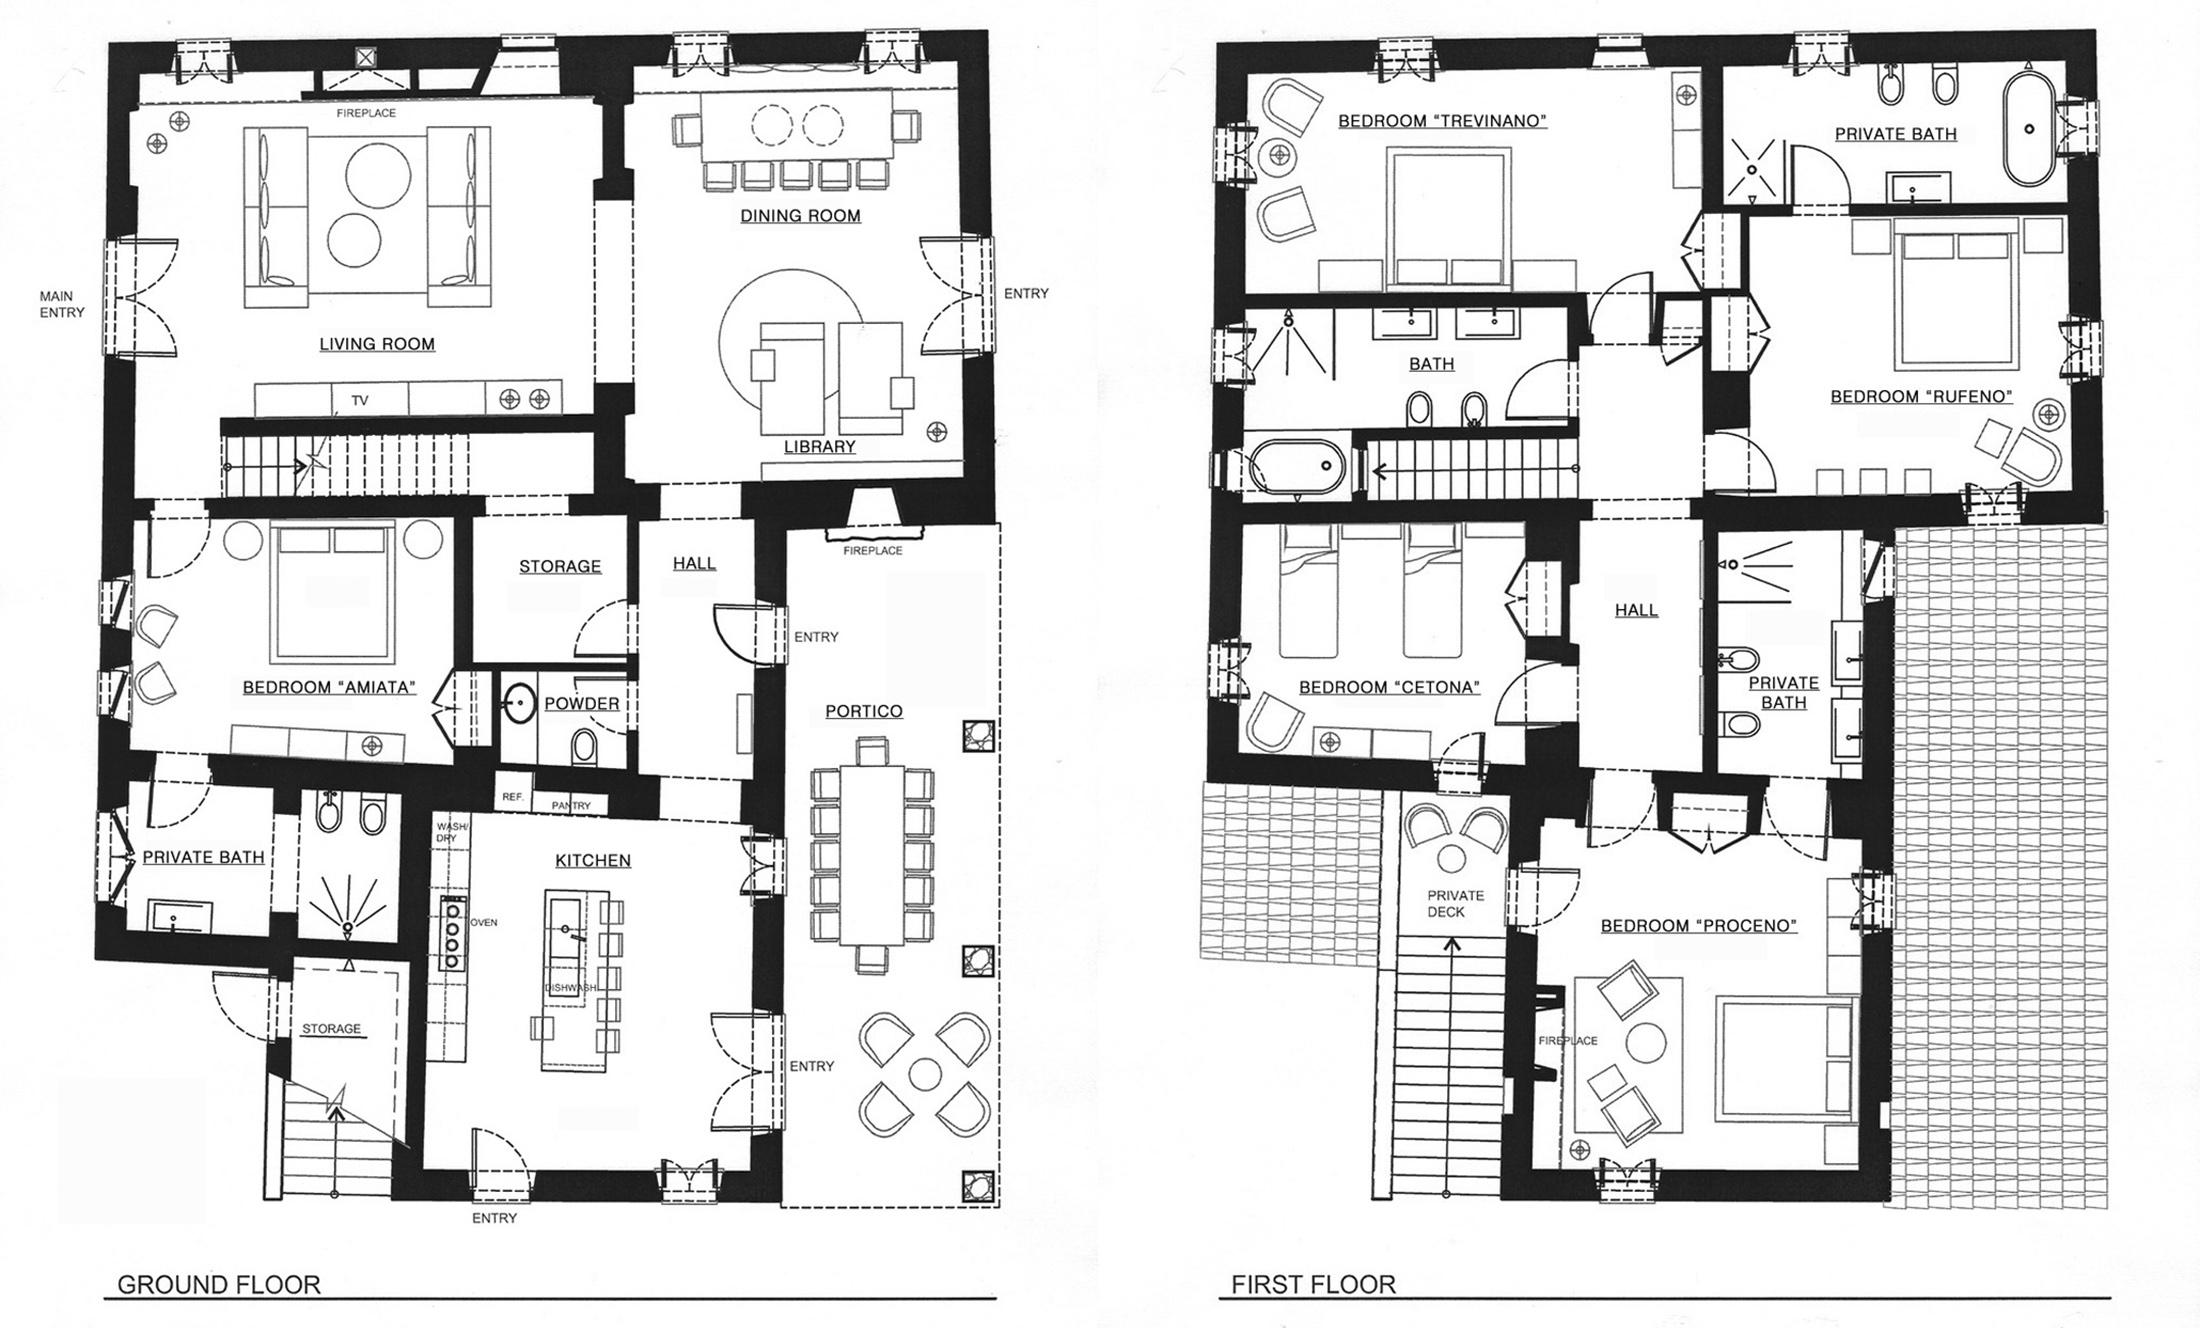 Palazzo Floor Plan Gurus Floor